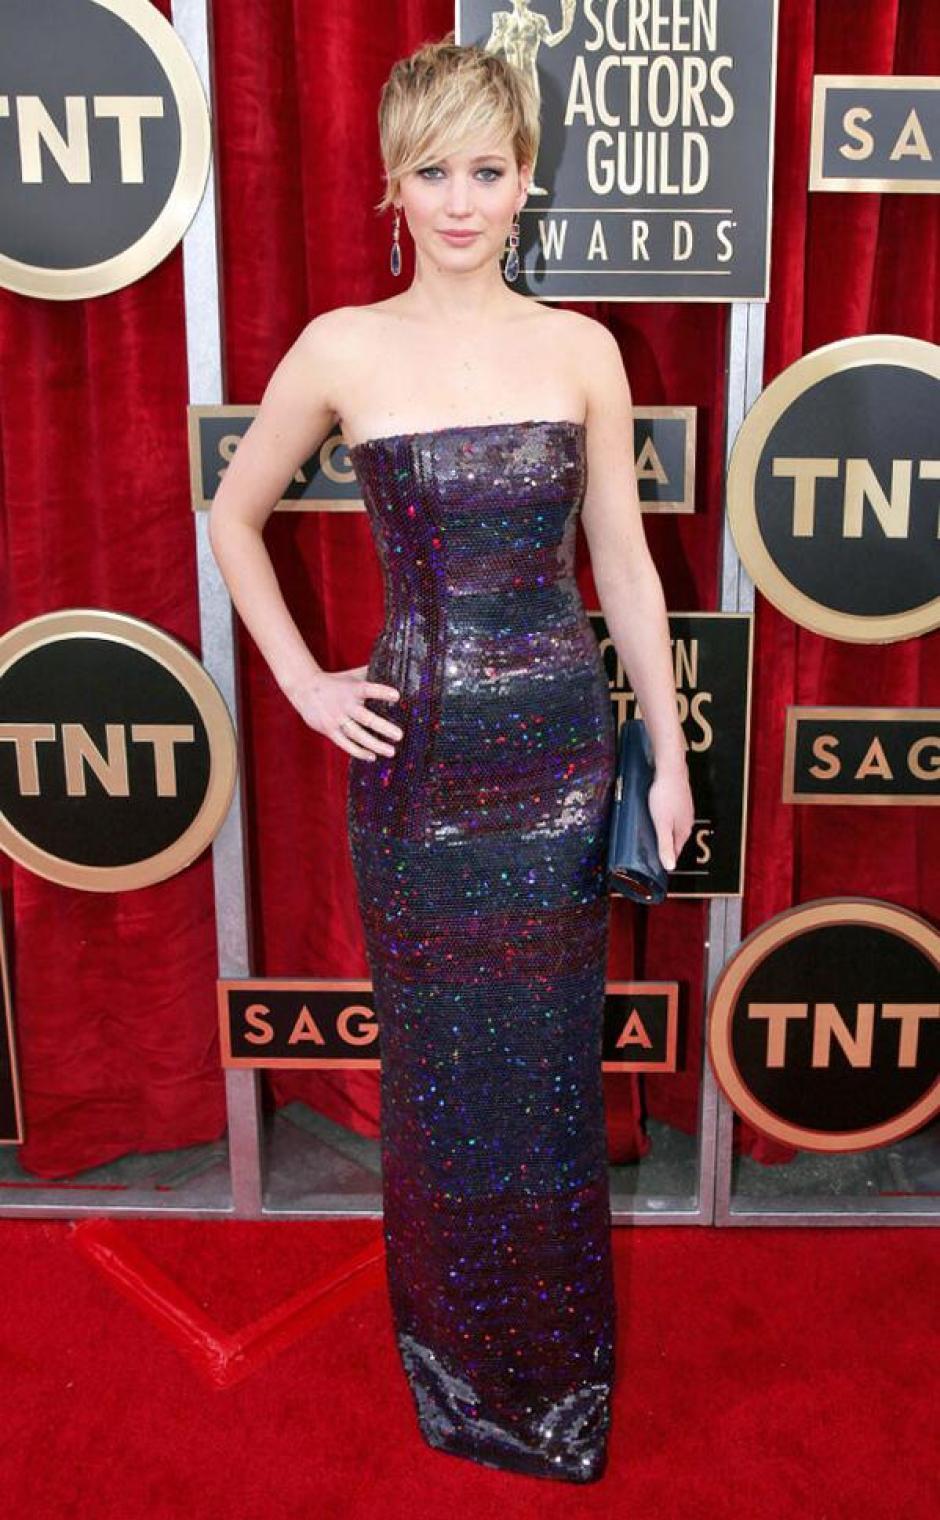 En los Golden Globes Jennifer Lawrence usó un vestido blanco que fue muy criticado; ahora optó por uno de lentejuelas negras. (@eonline)